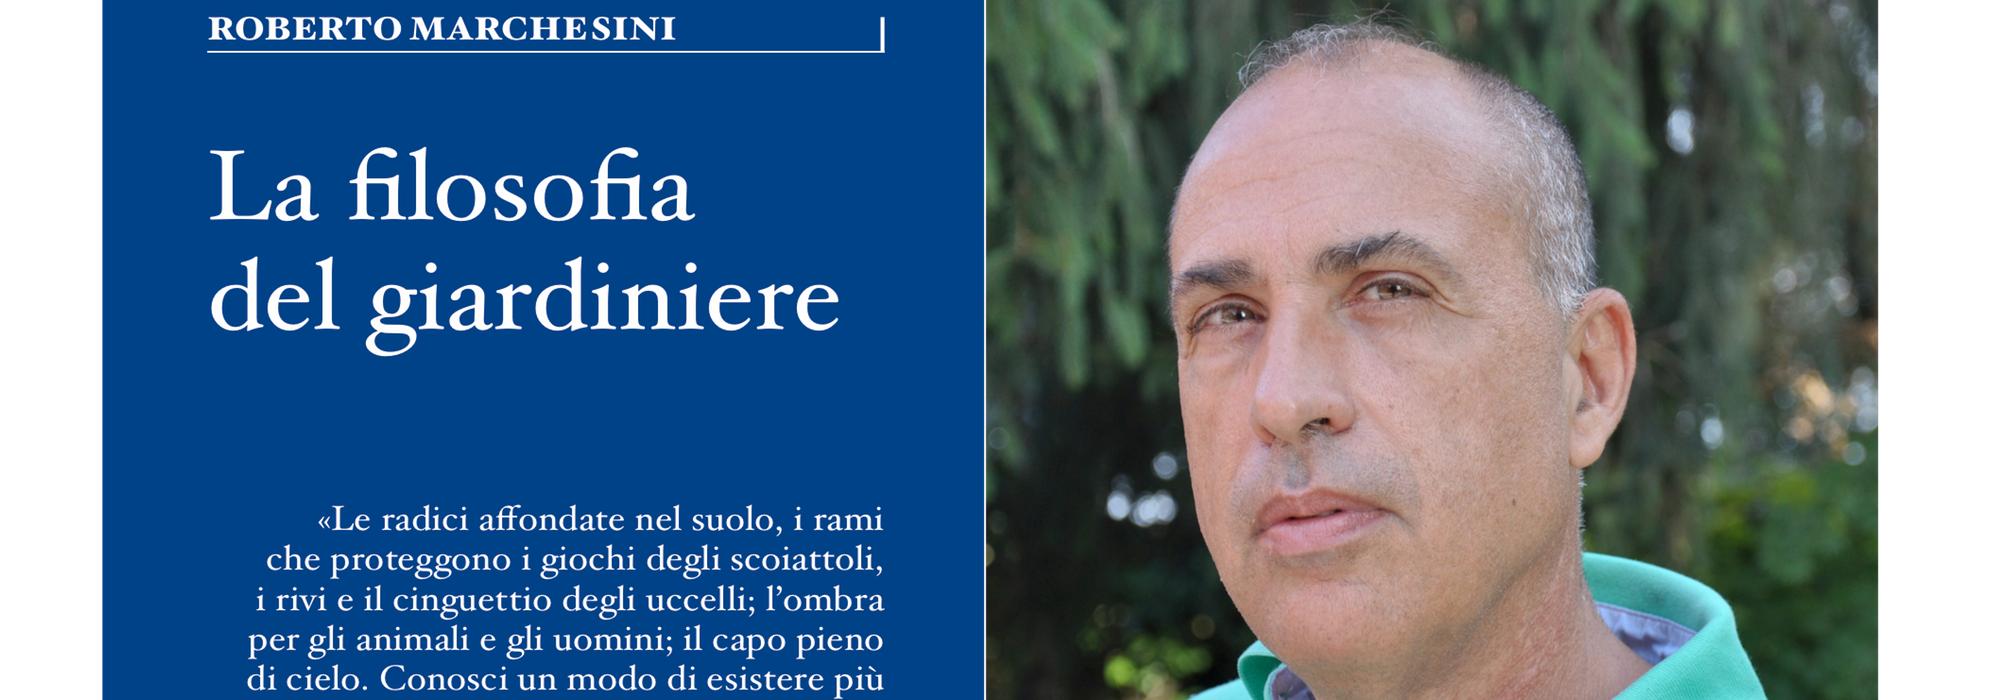 """ROBERTO MARCHESINI presenta """"La filosofia del giardiniere"""" - cover"""